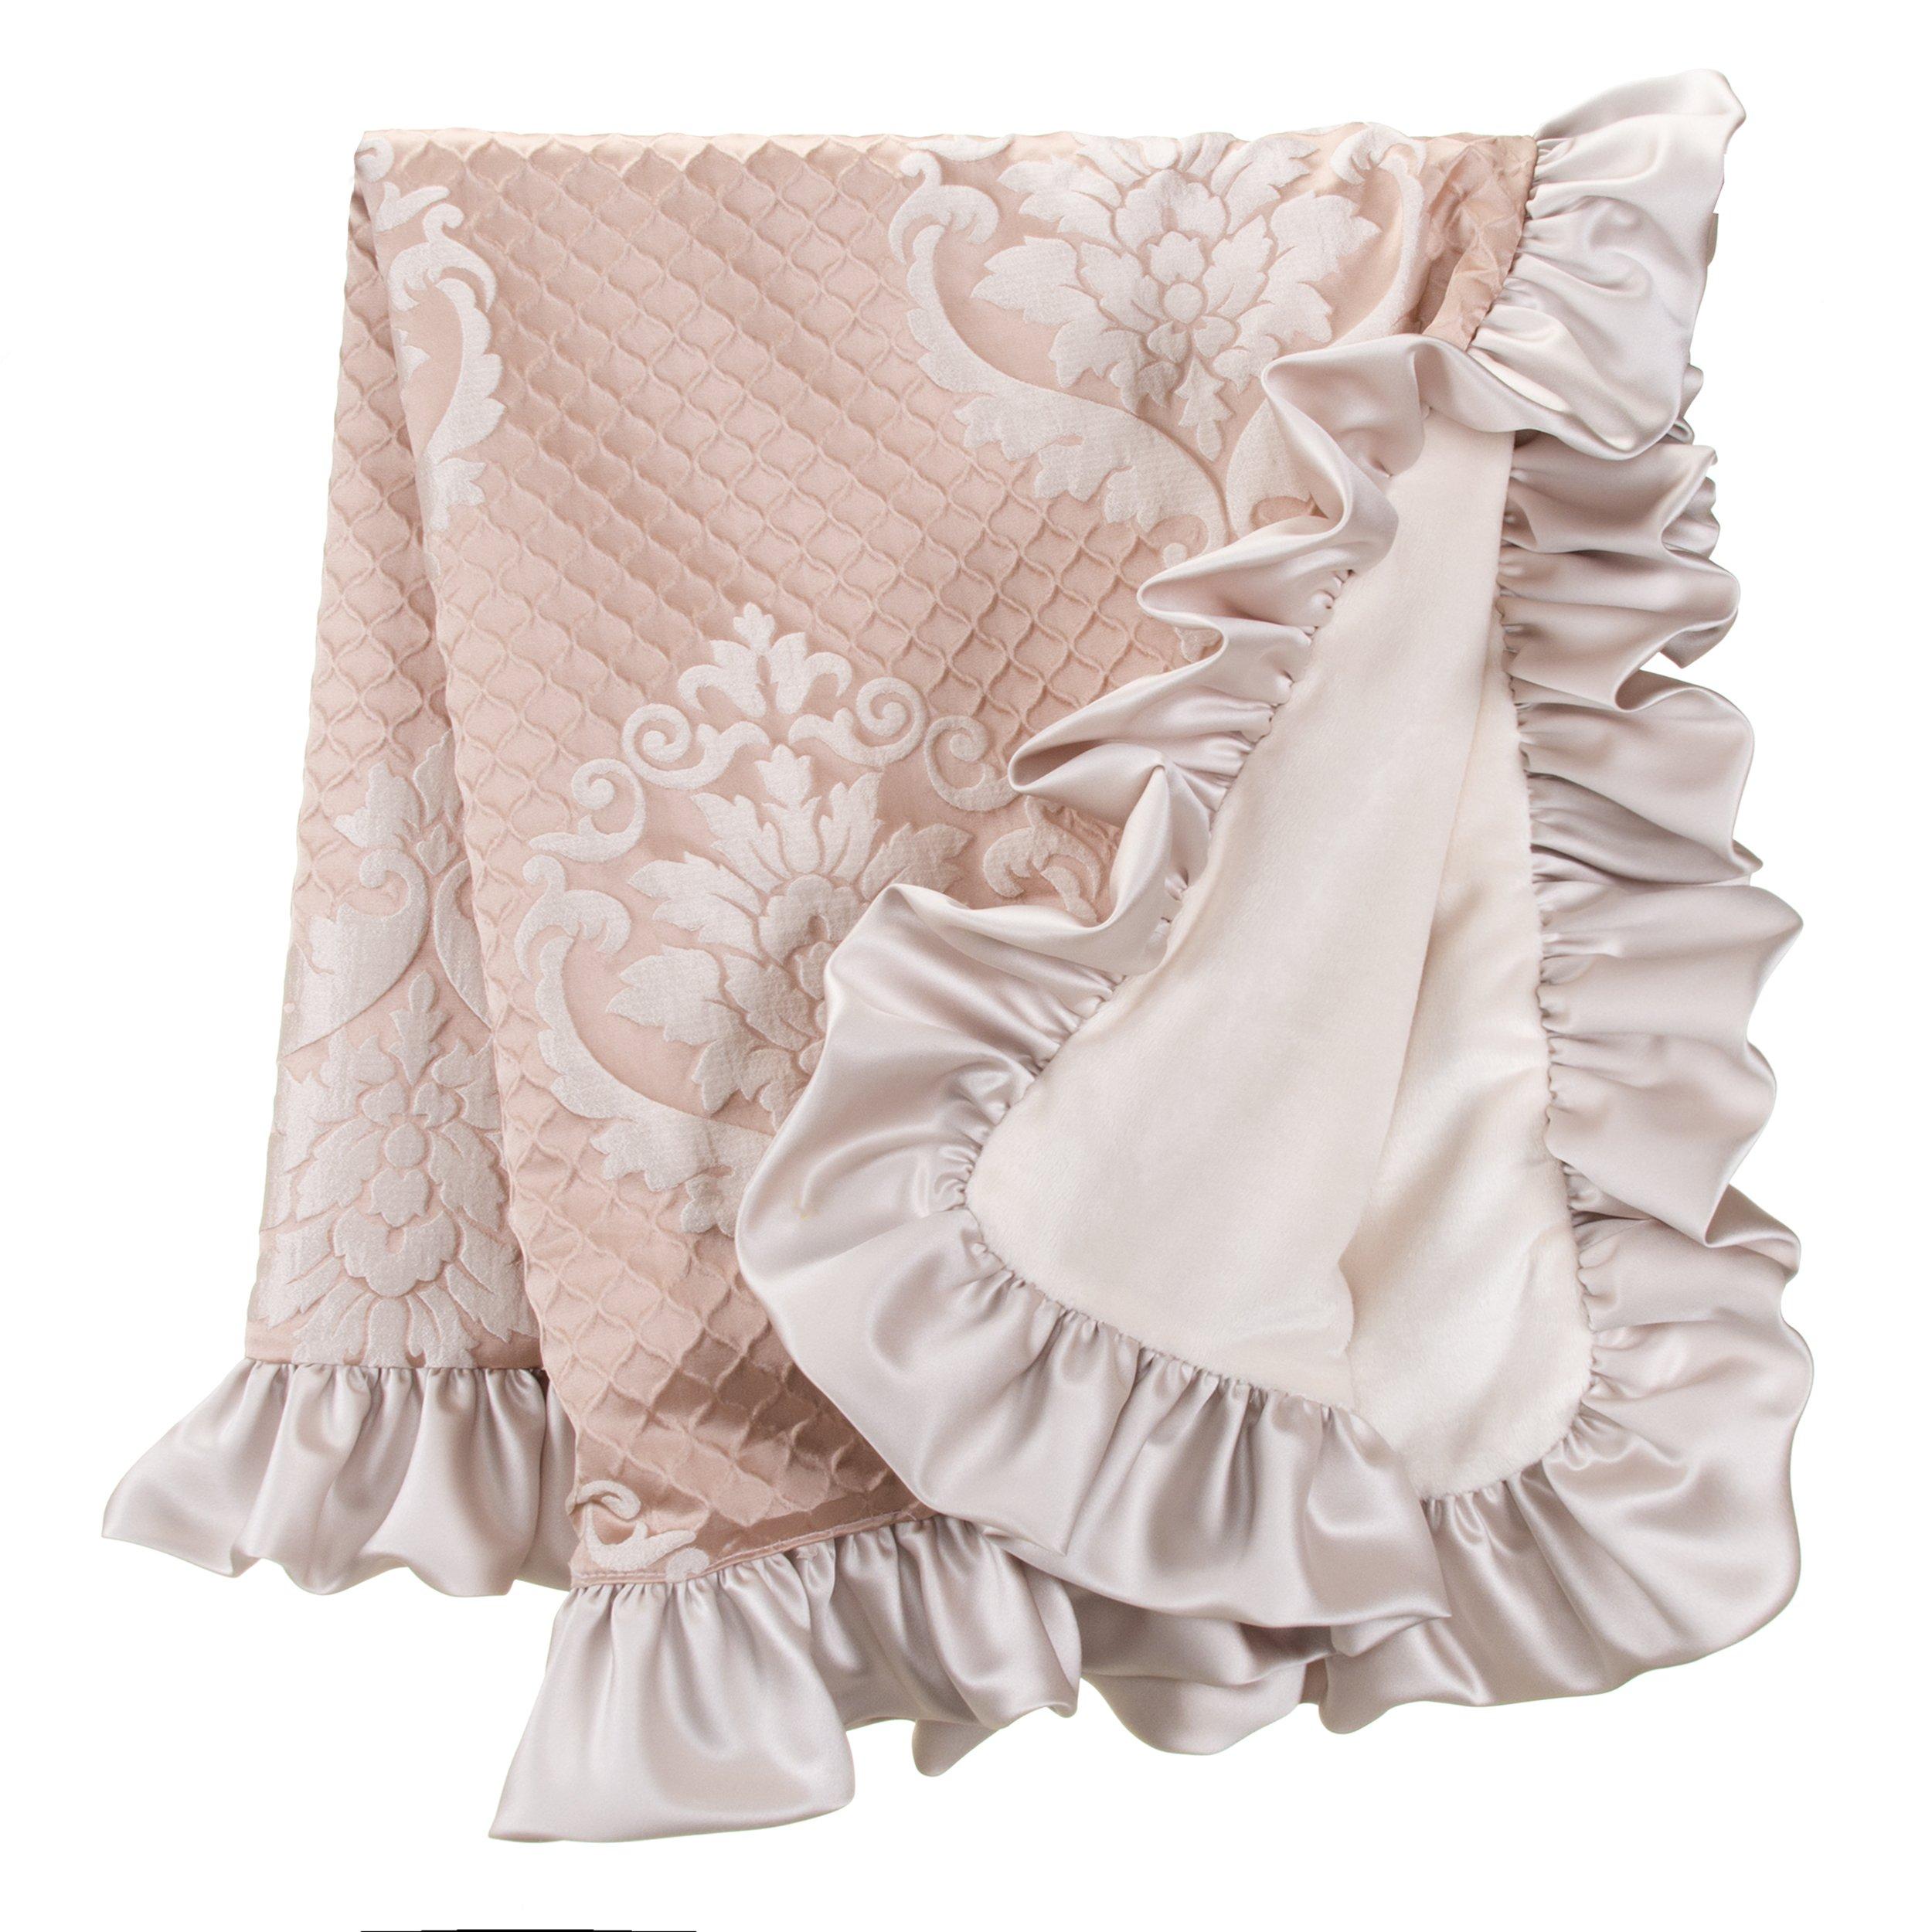 Glenna Jean Angelica Quilt, Pink, 54''x42'' by Glenna Jean